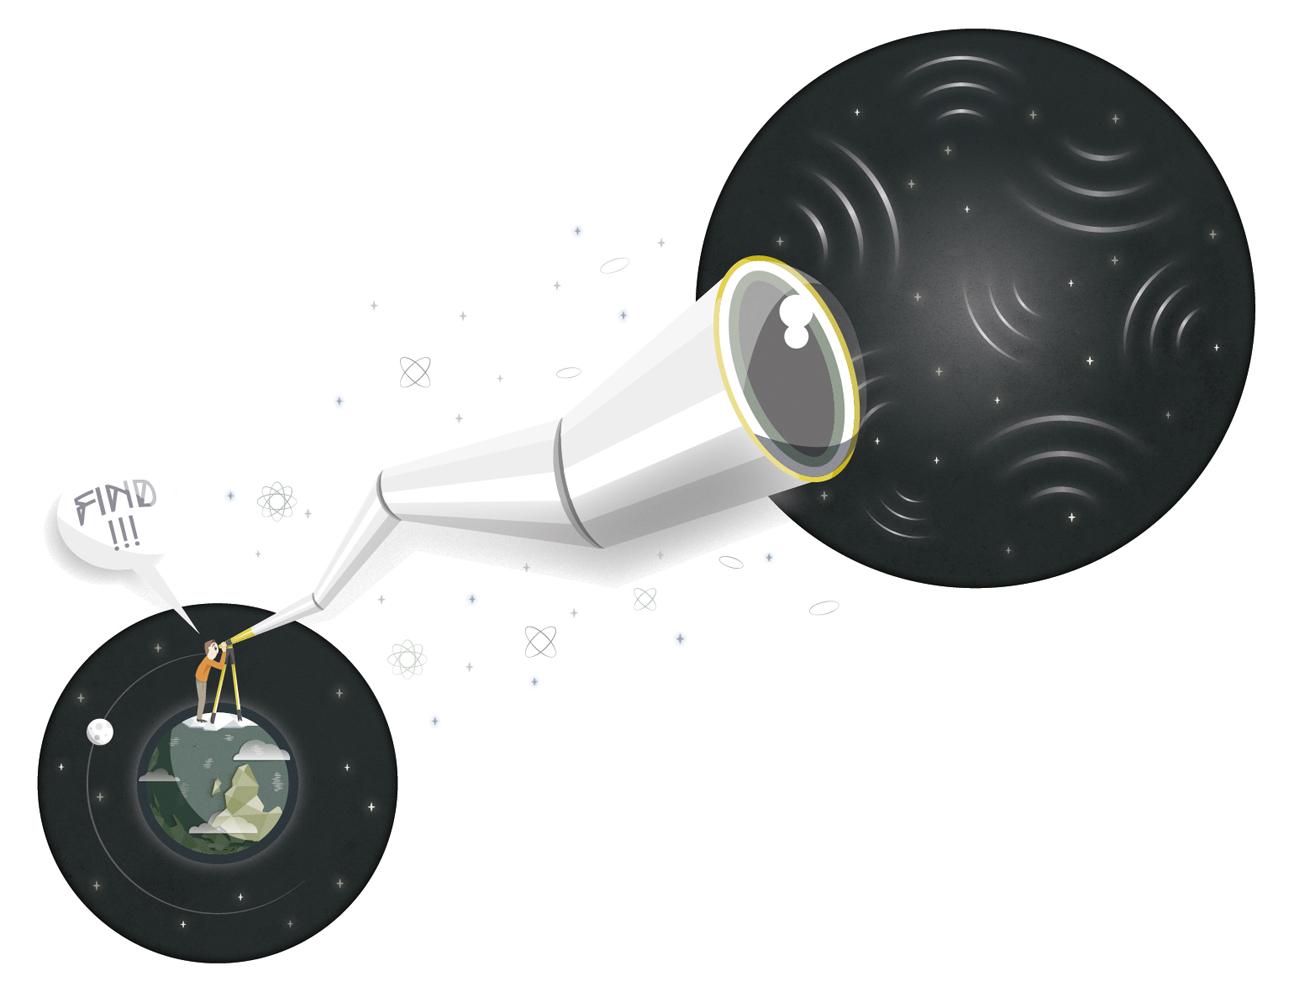 Découvertes des ondes gravitationnelles de l'inflation cosmique.